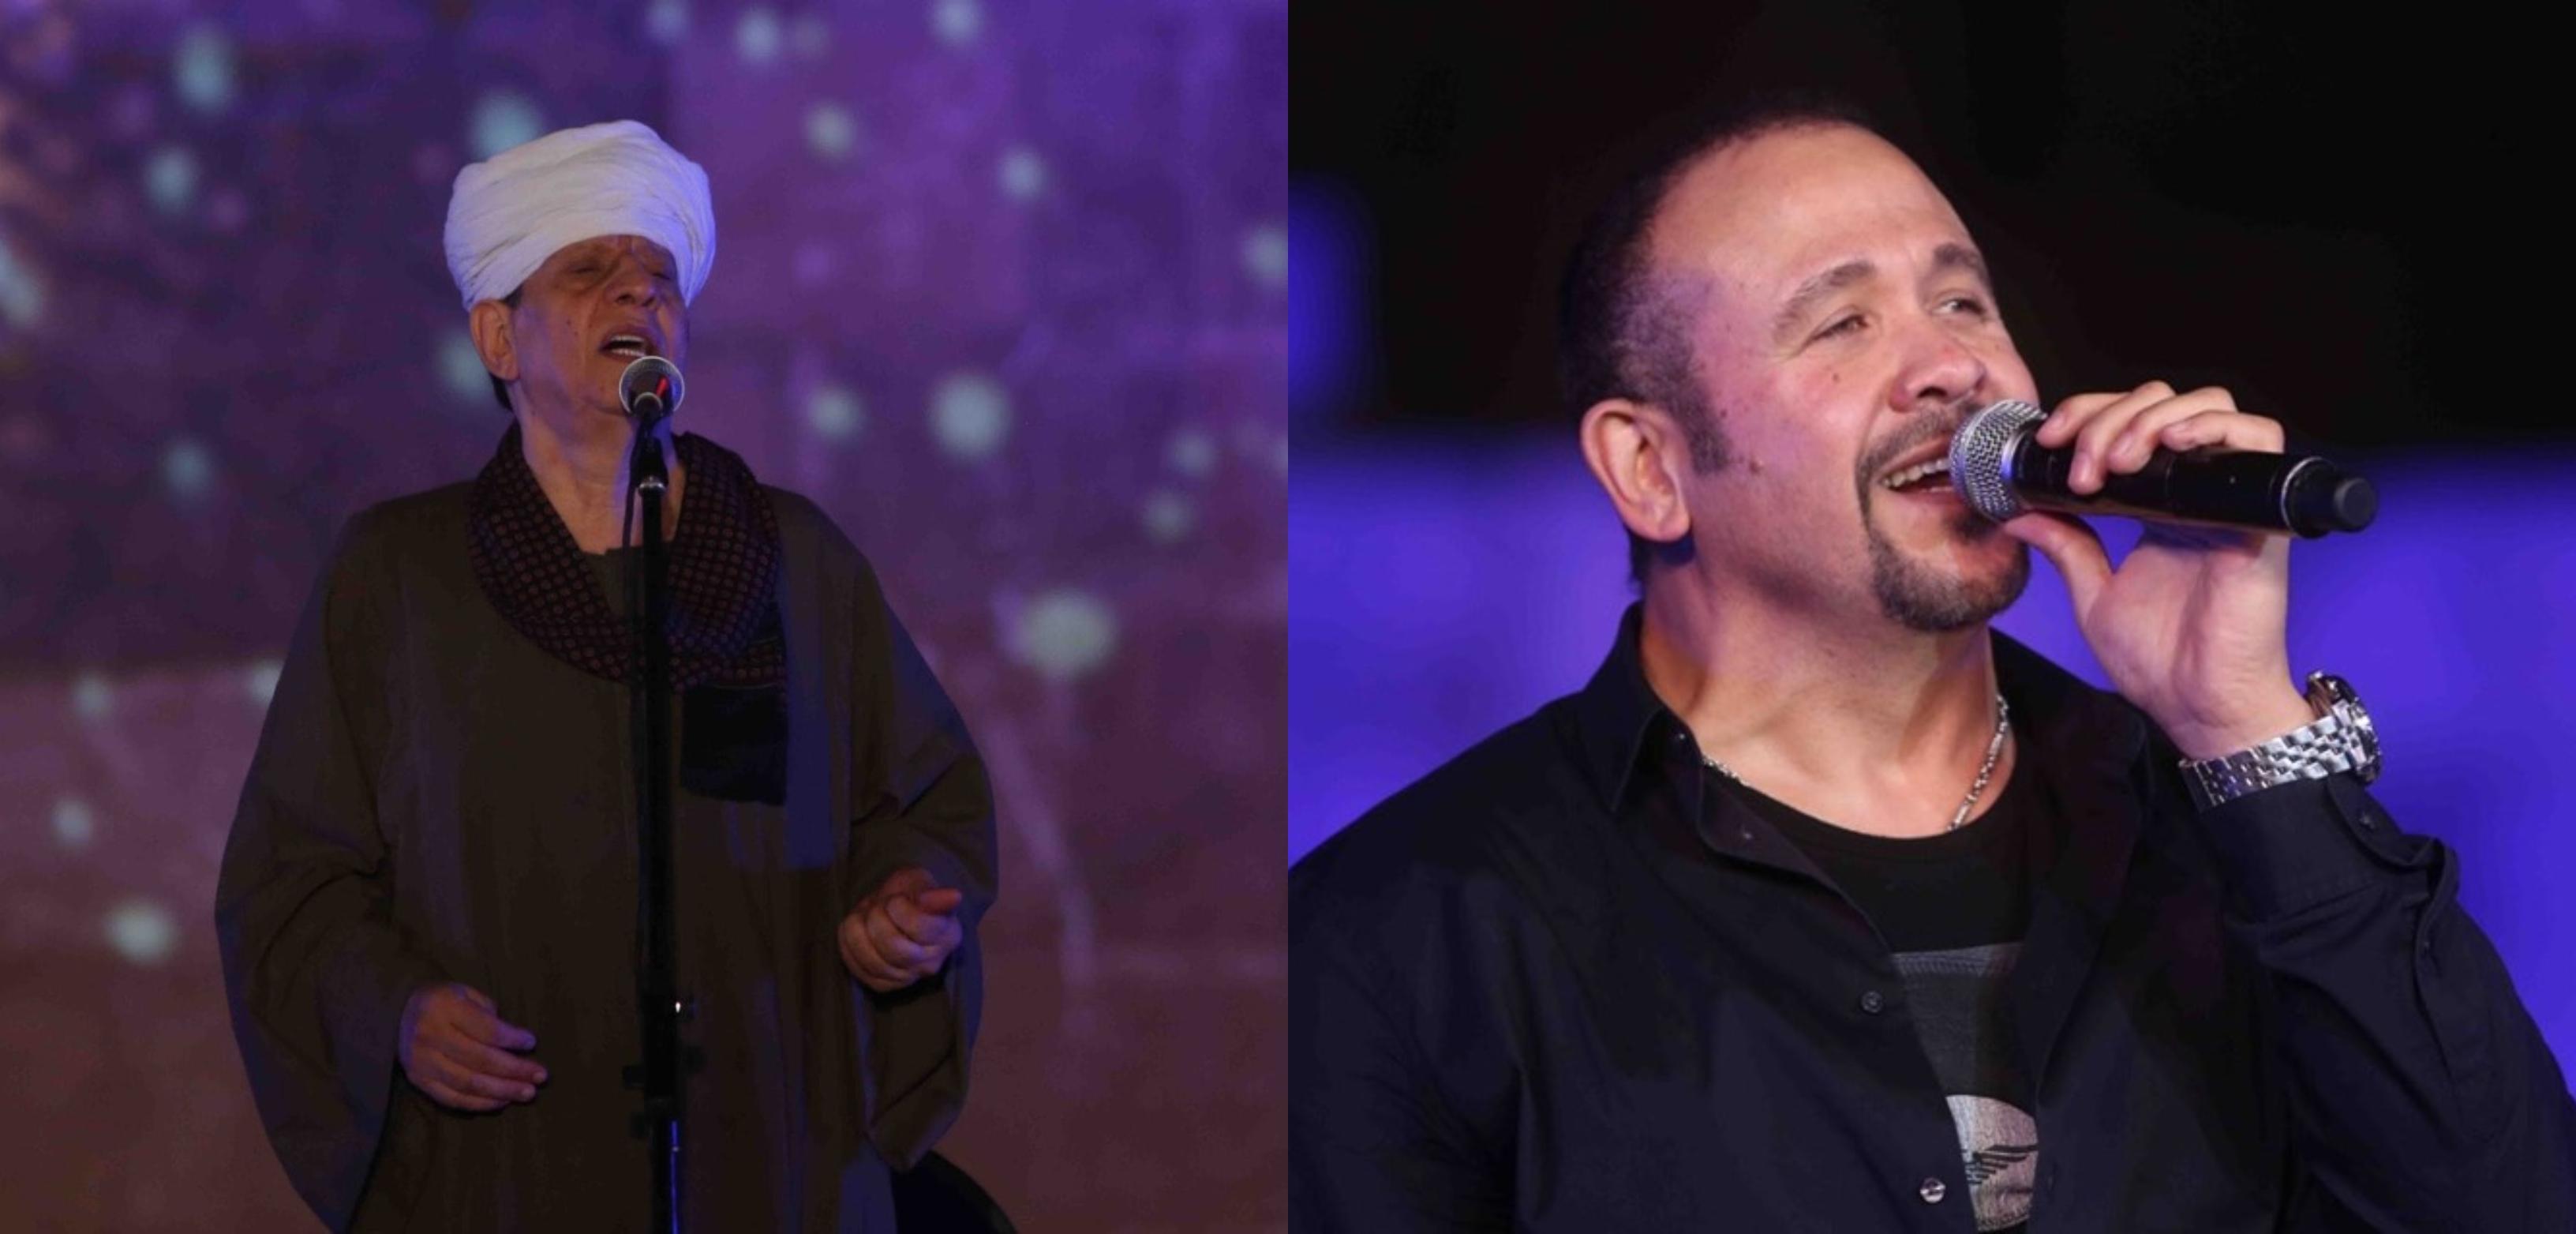 غدًا..ياسين التهامي وهشام عباس في مهرجان القلعة